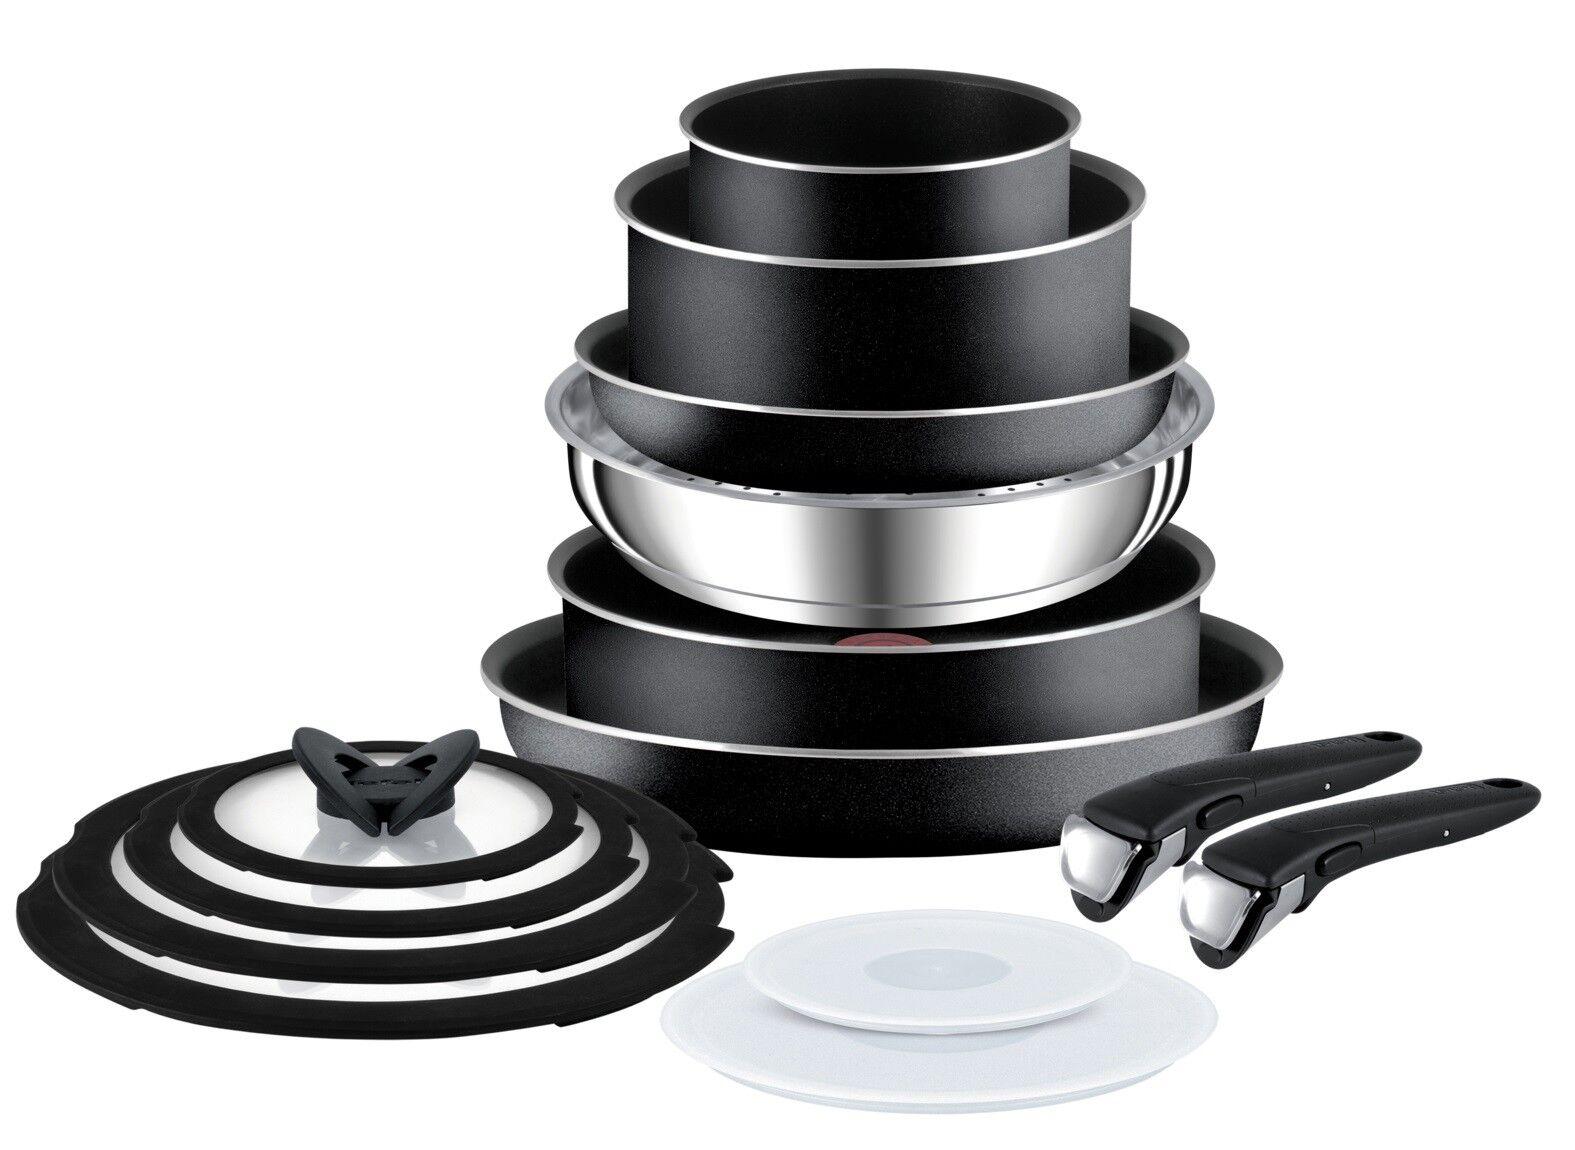 TEFAL Ingenio comportant essentielle non induction de 14 casseroles avec amovible Poignées